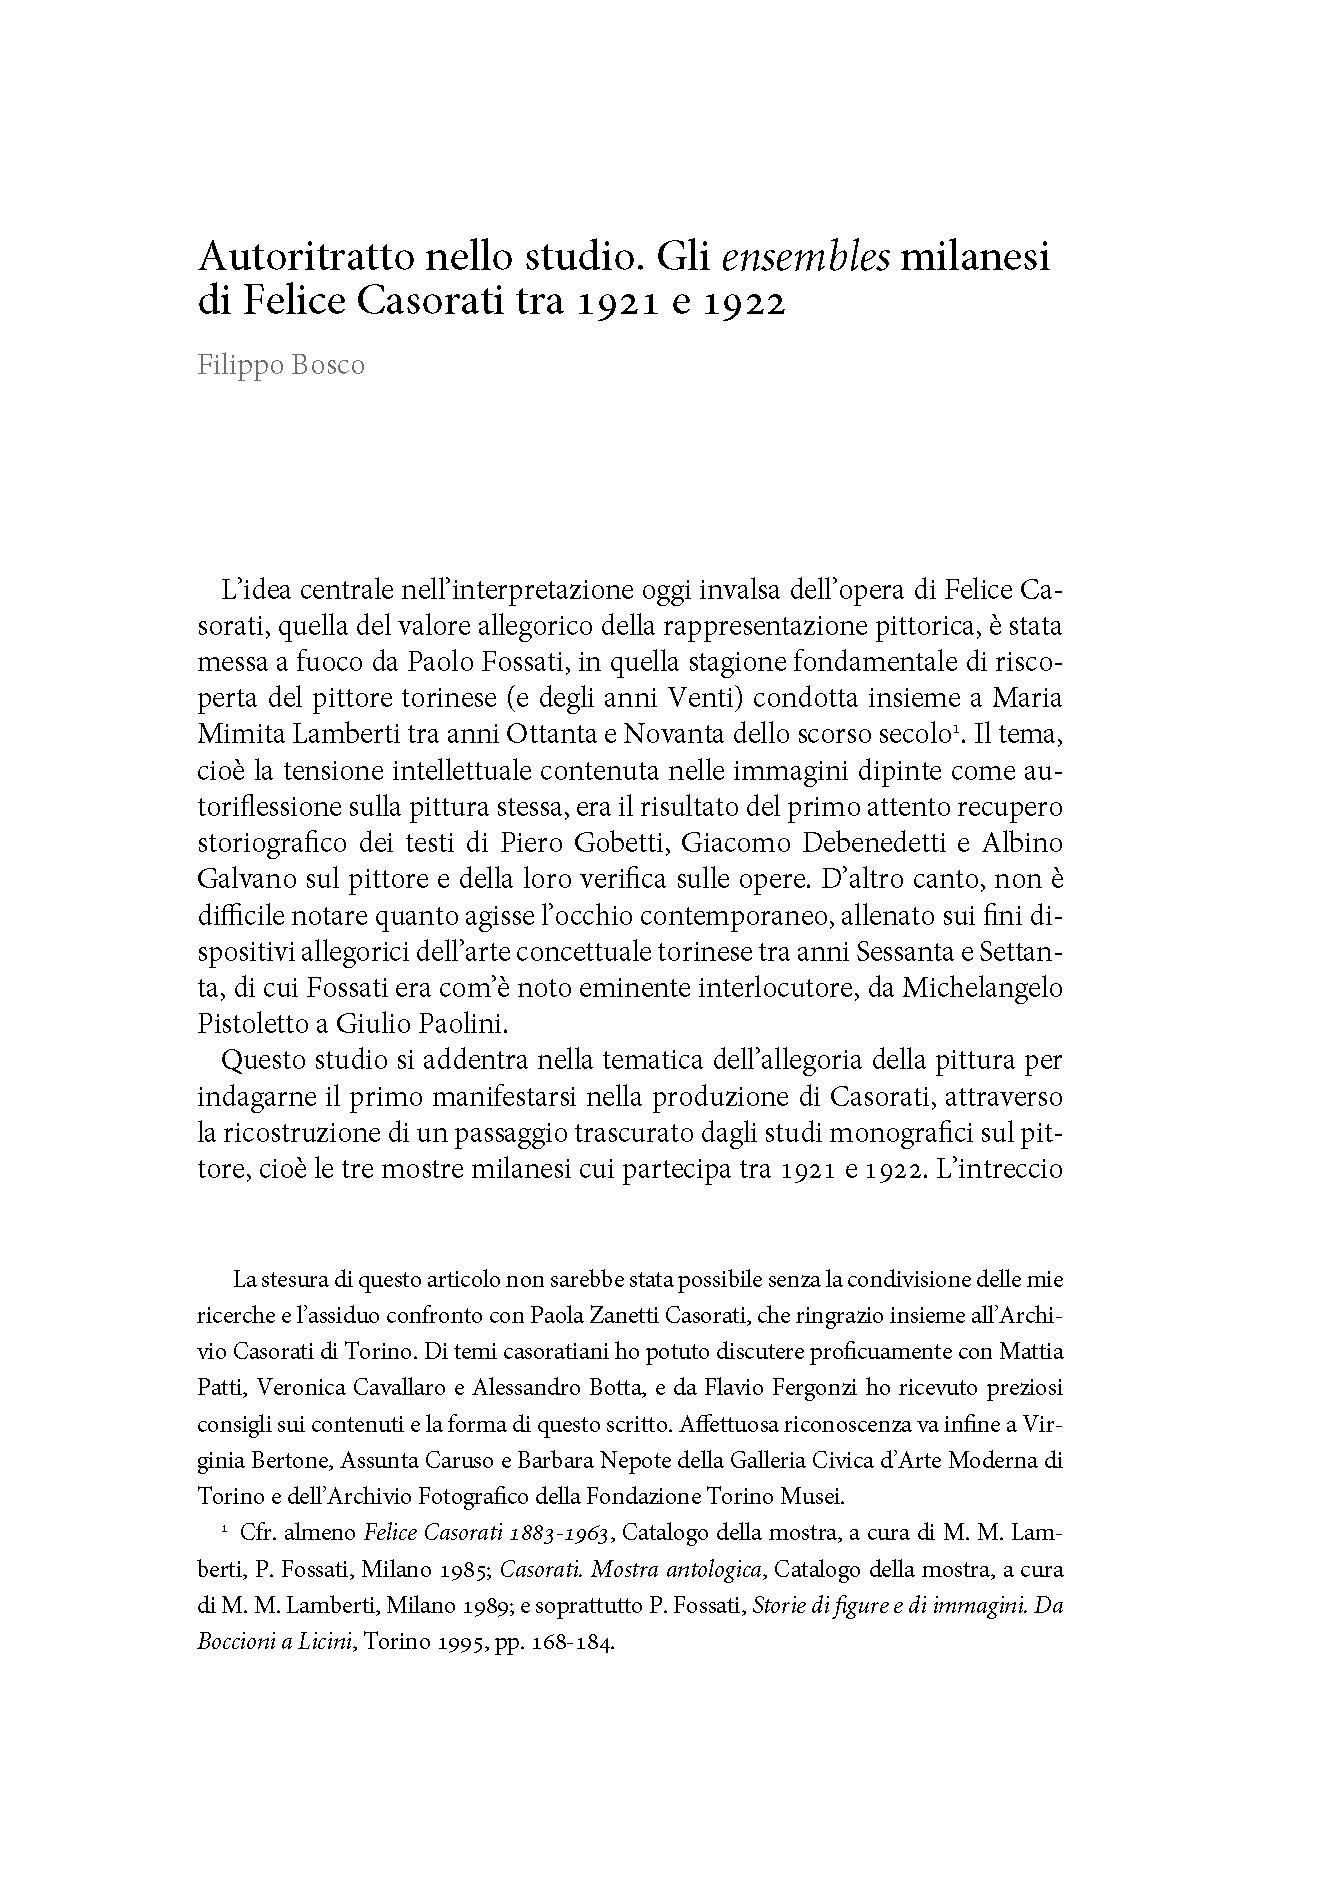 Gli ensembles milanesi di Felice Casorati tra 1921 e 1922